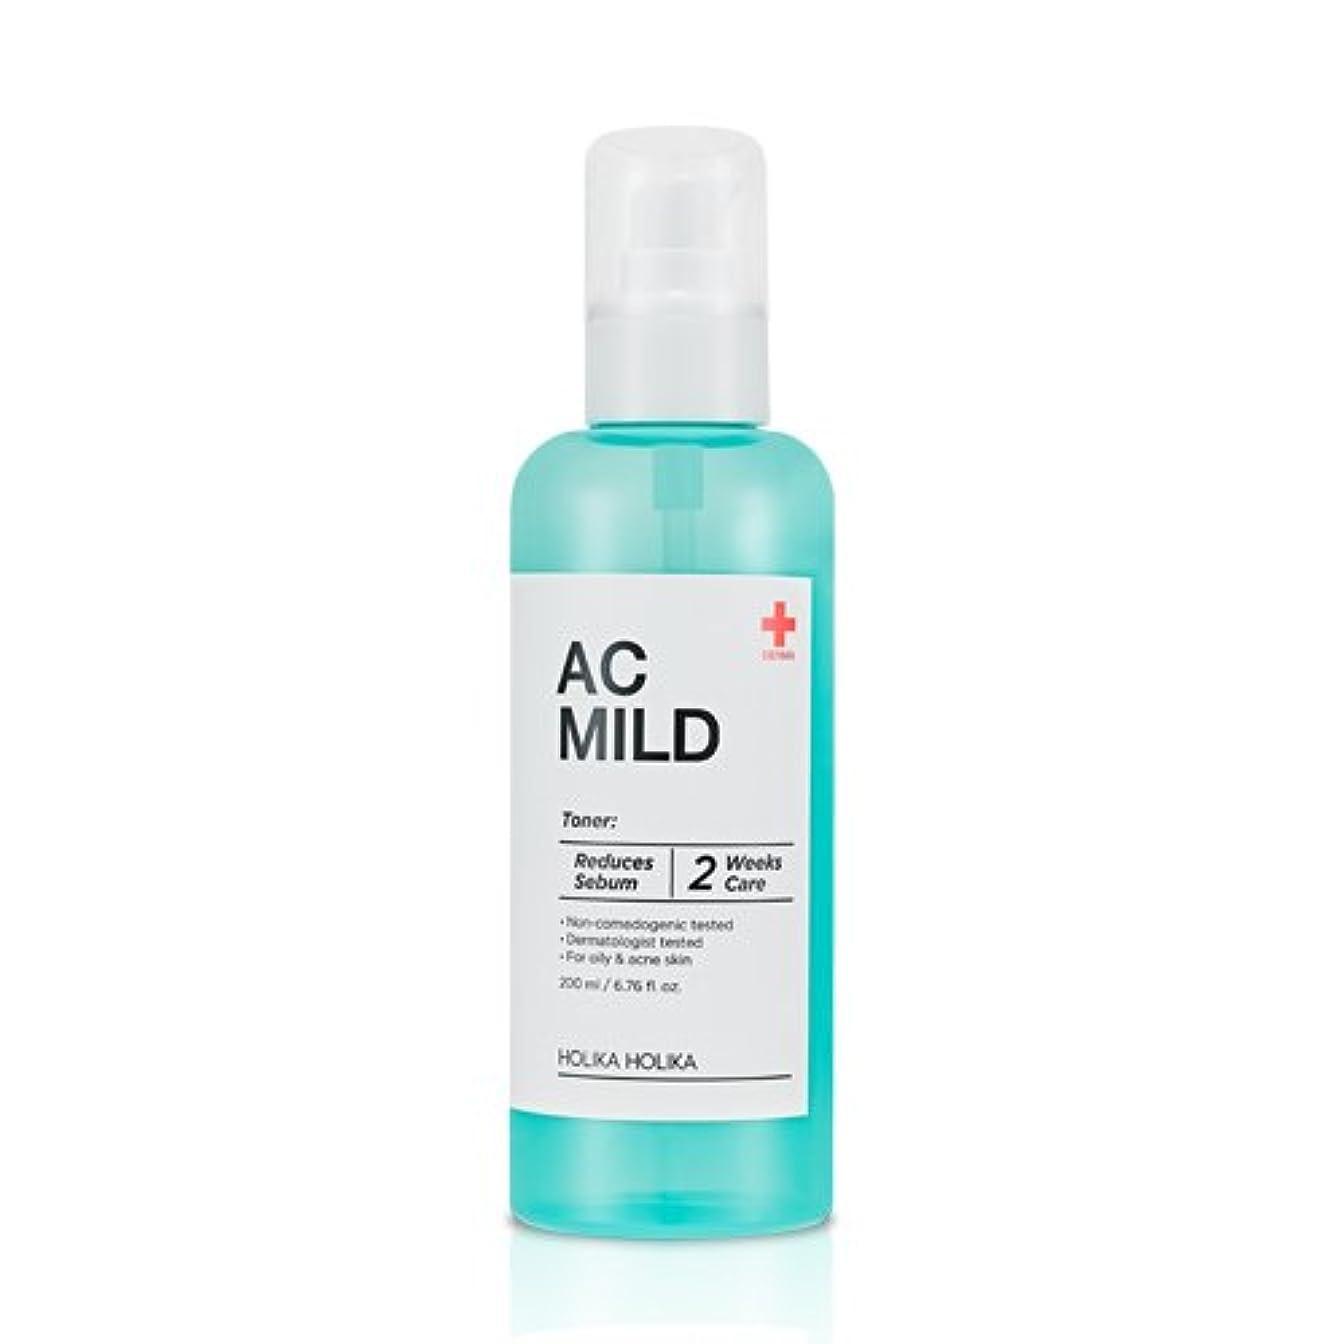 引数キャメル誇張ホリカホリカ ACマイルドスキントナー/HolikaHolika AC Mild Skin Toner 200ml?化粧水 [並行輸入品]